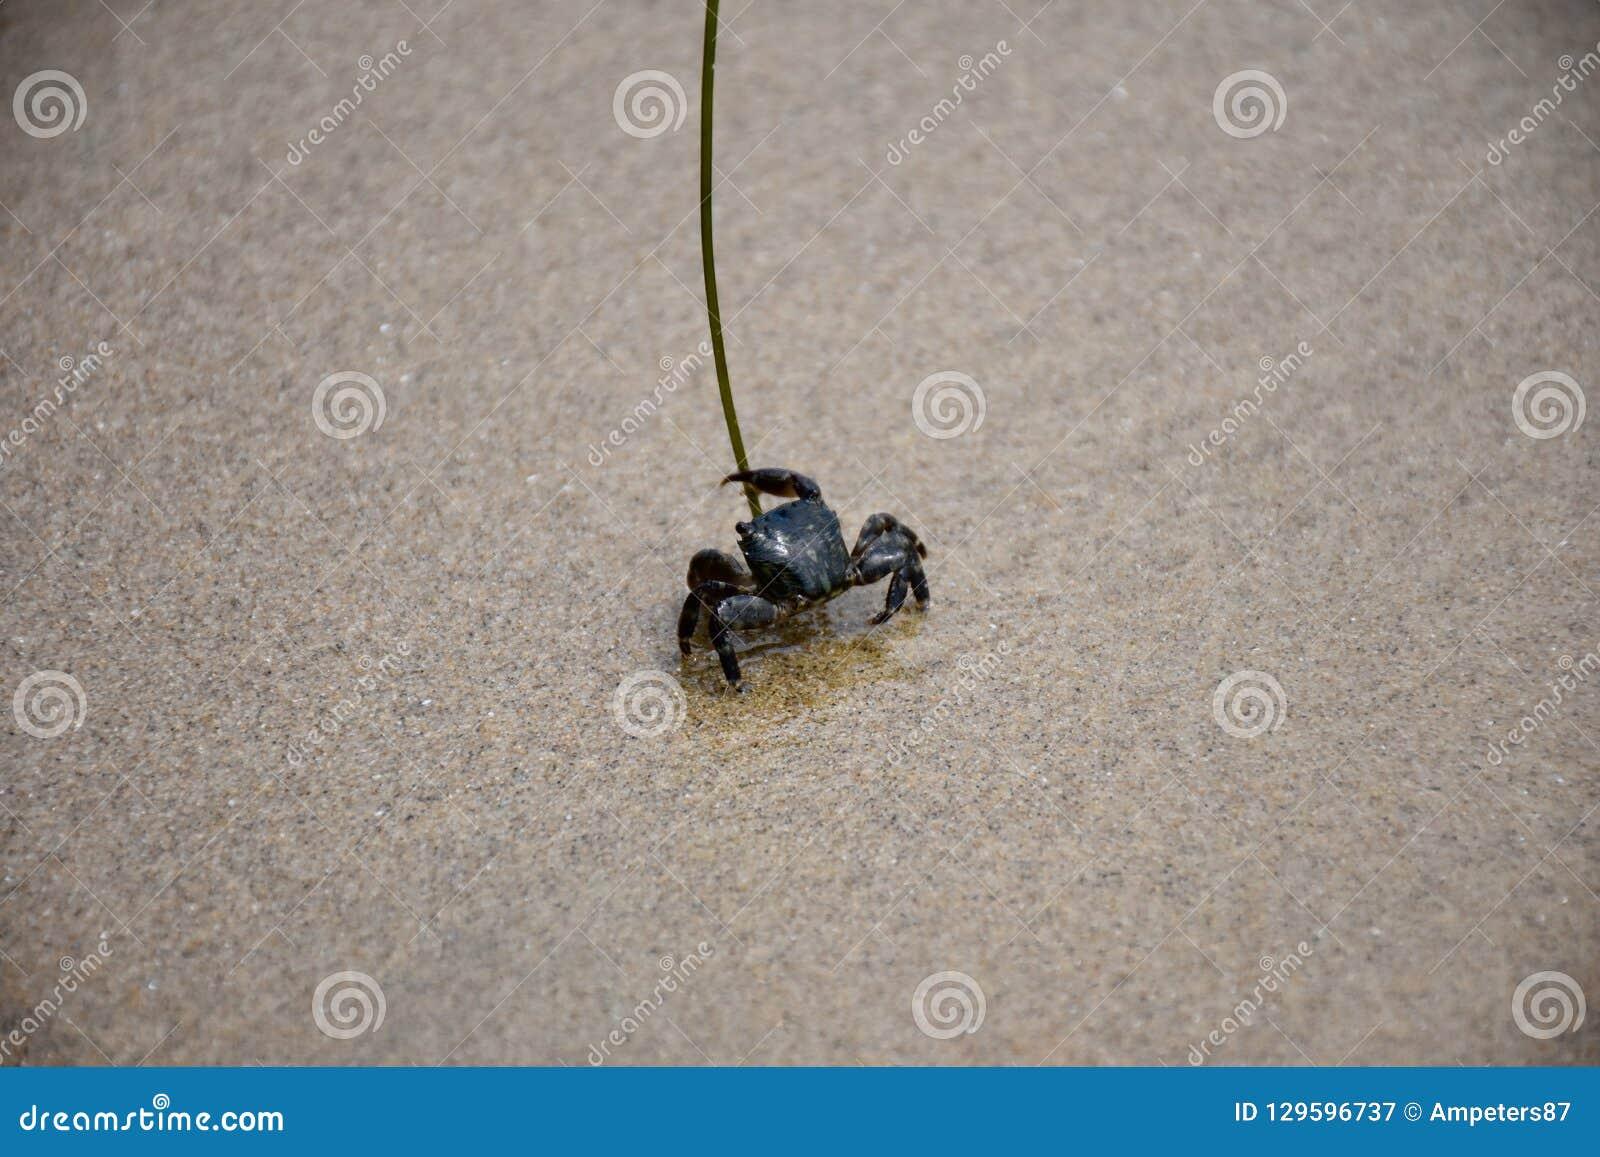 Krab op het zand in Crystal Cove State Park in Californië